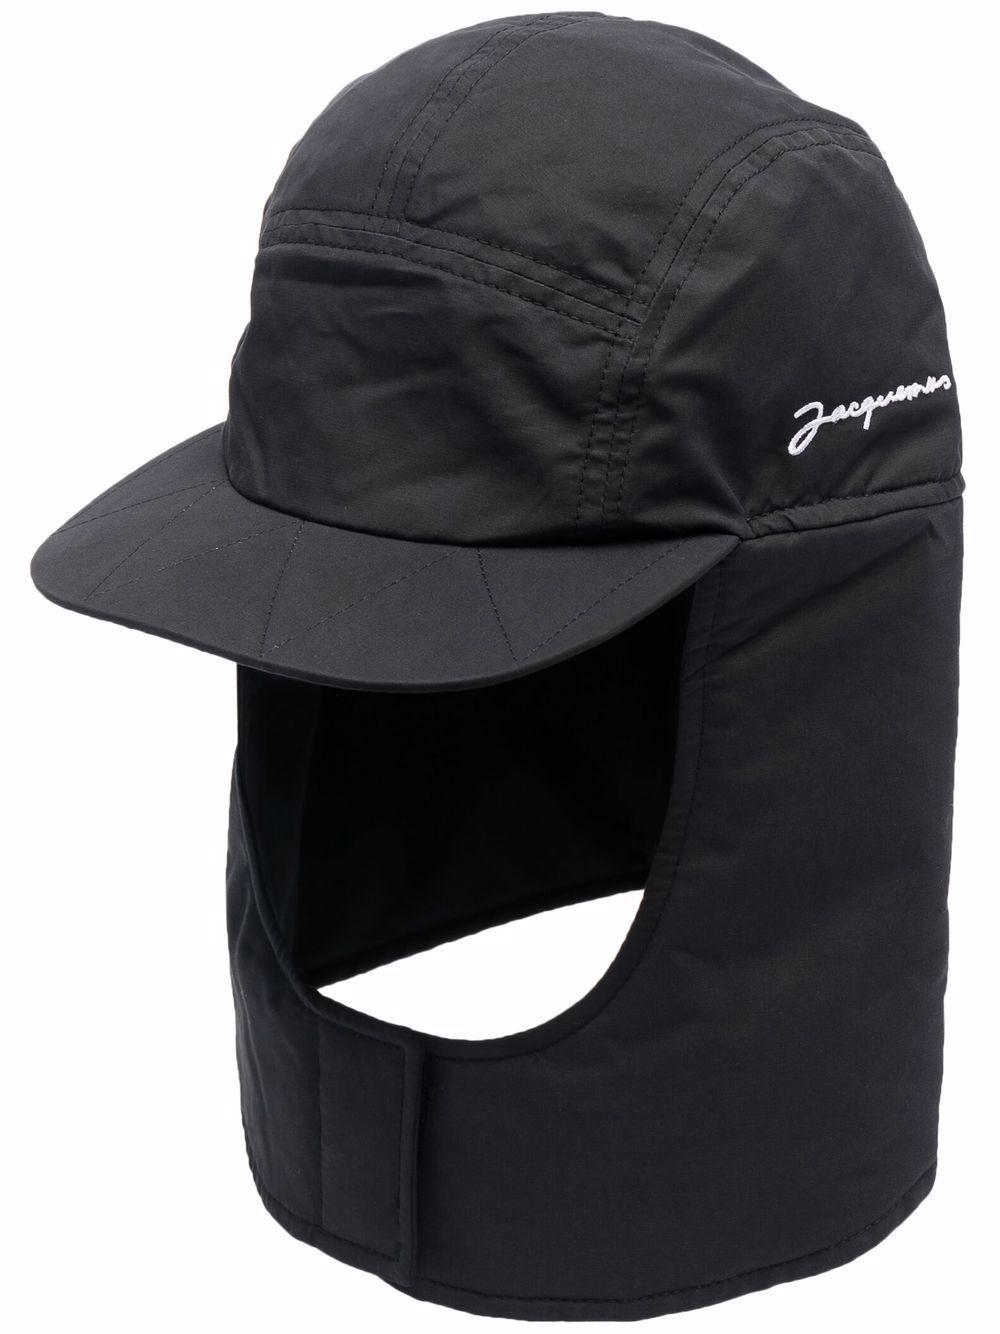 Cappello le casquette cagoule